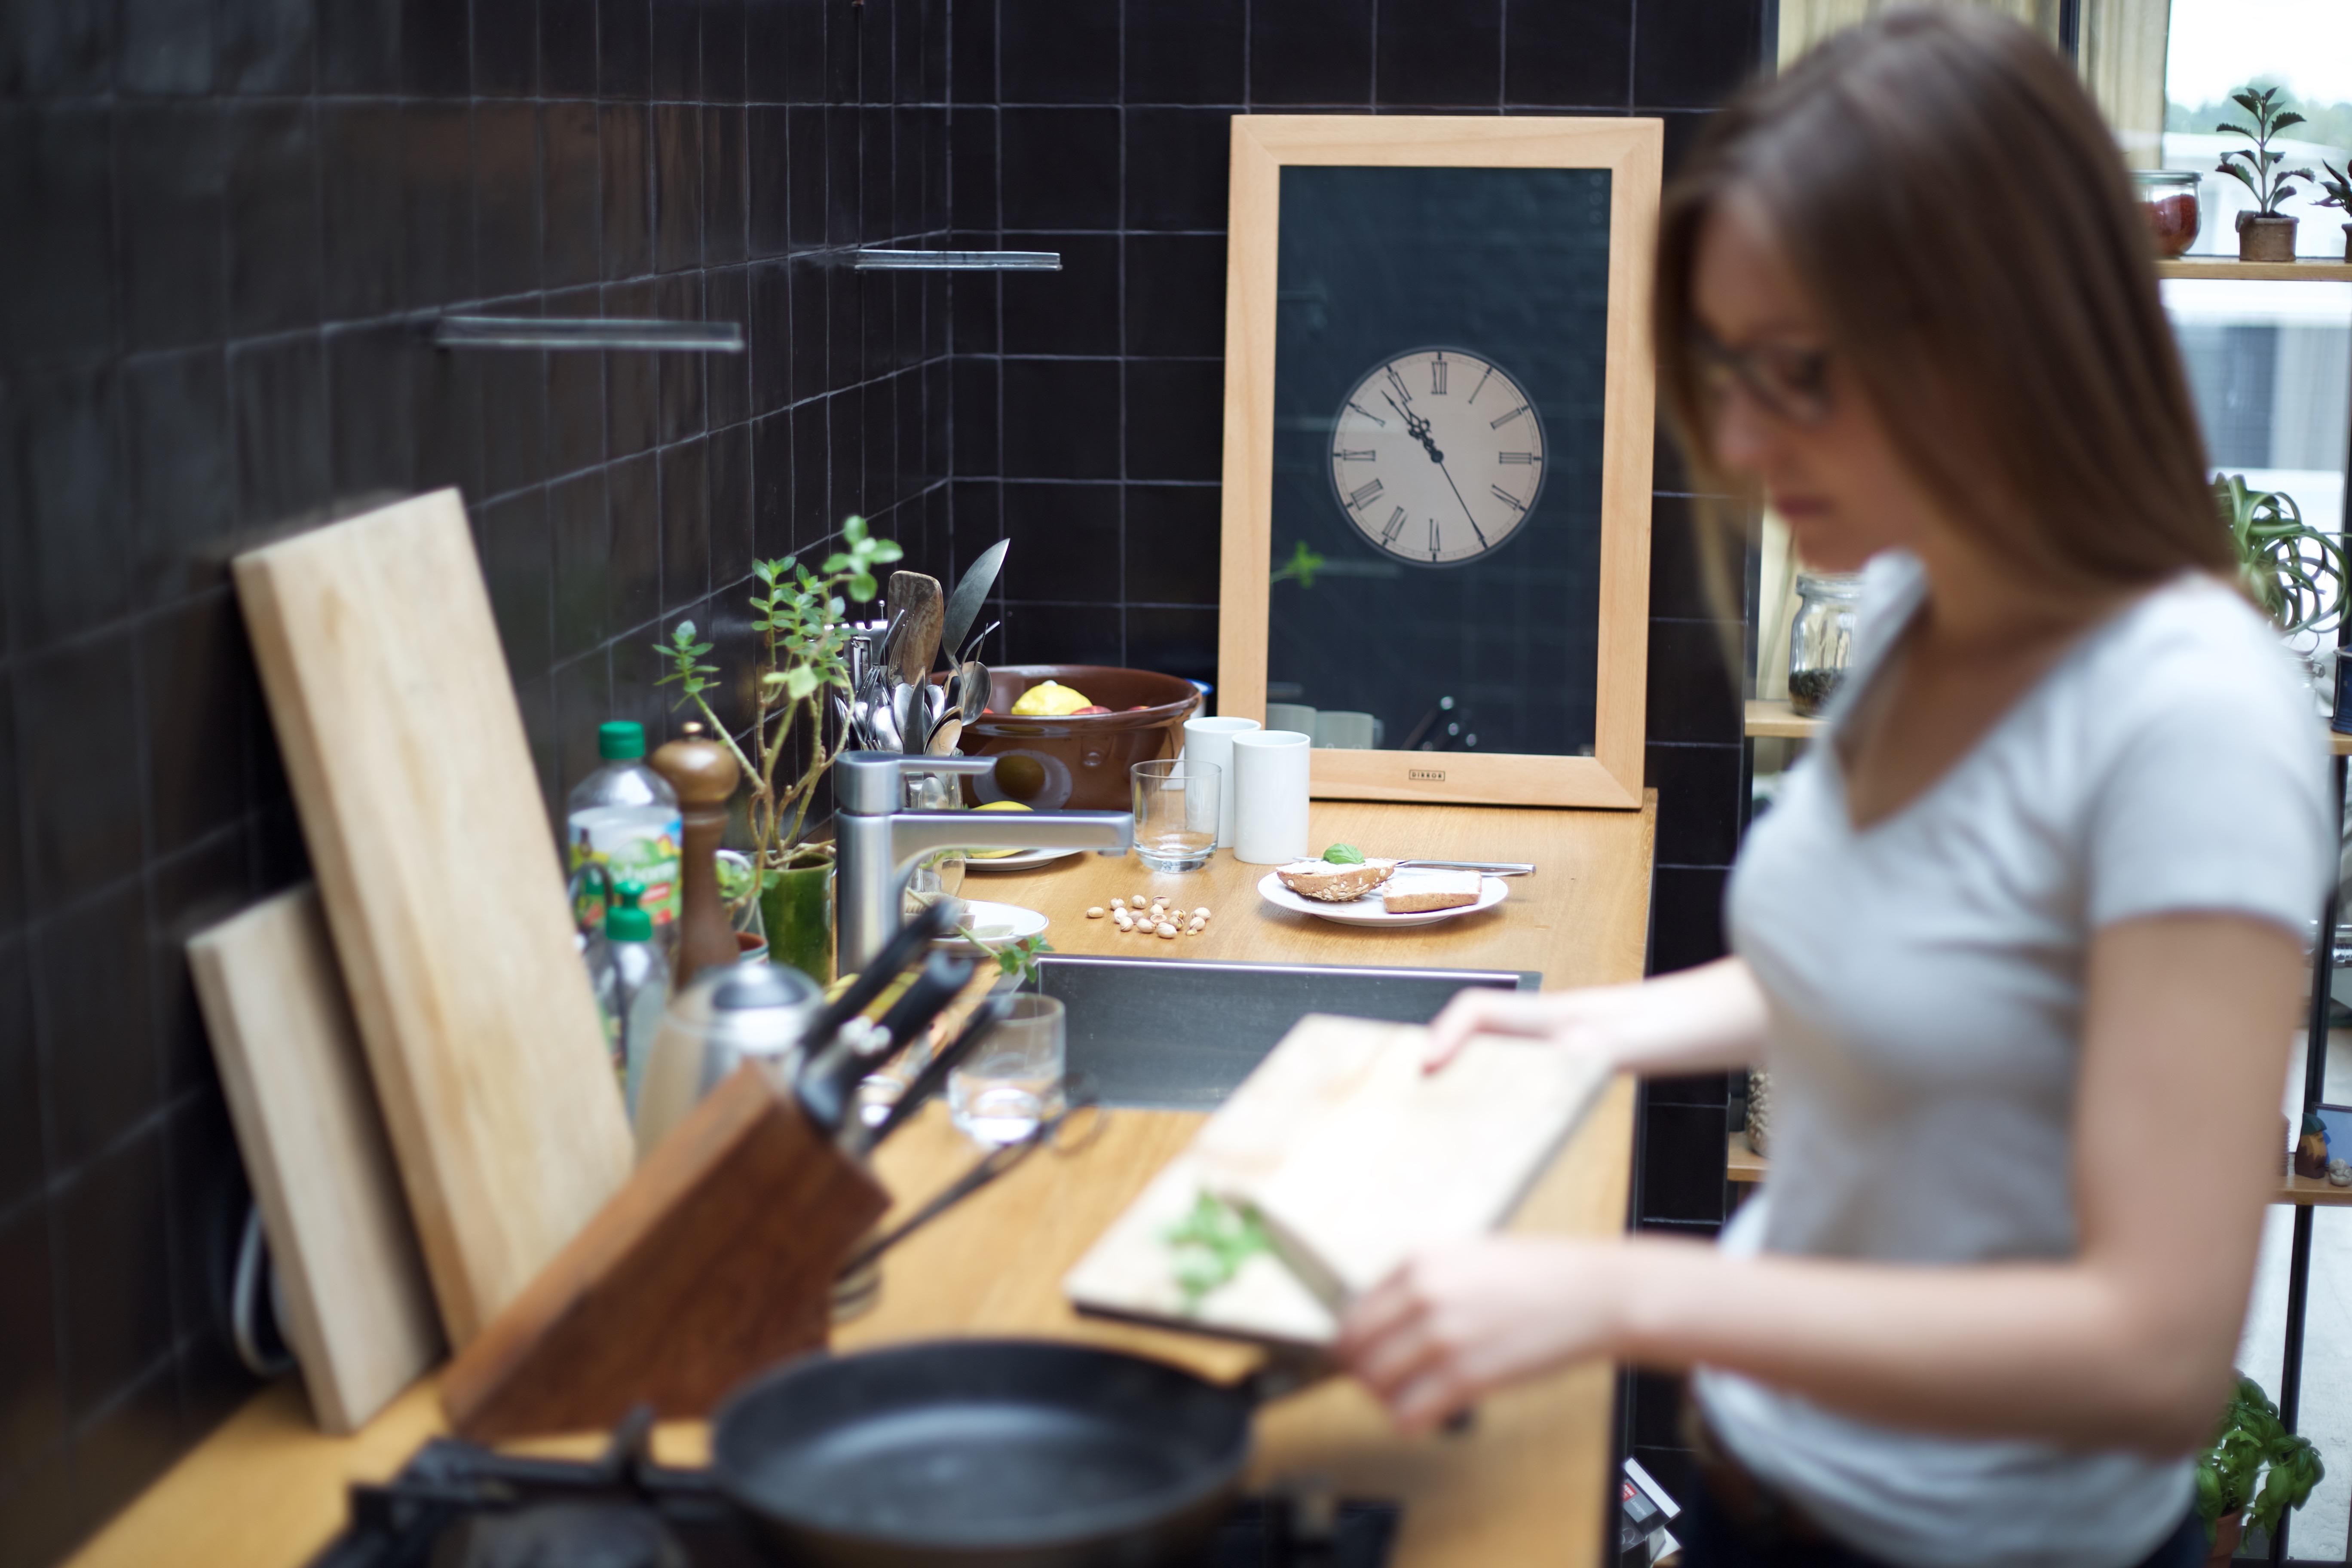 dirror touch spiegel mit windows 10 engadget deutschland. Black Bedroom Furniture Sets. Home Design Ideas